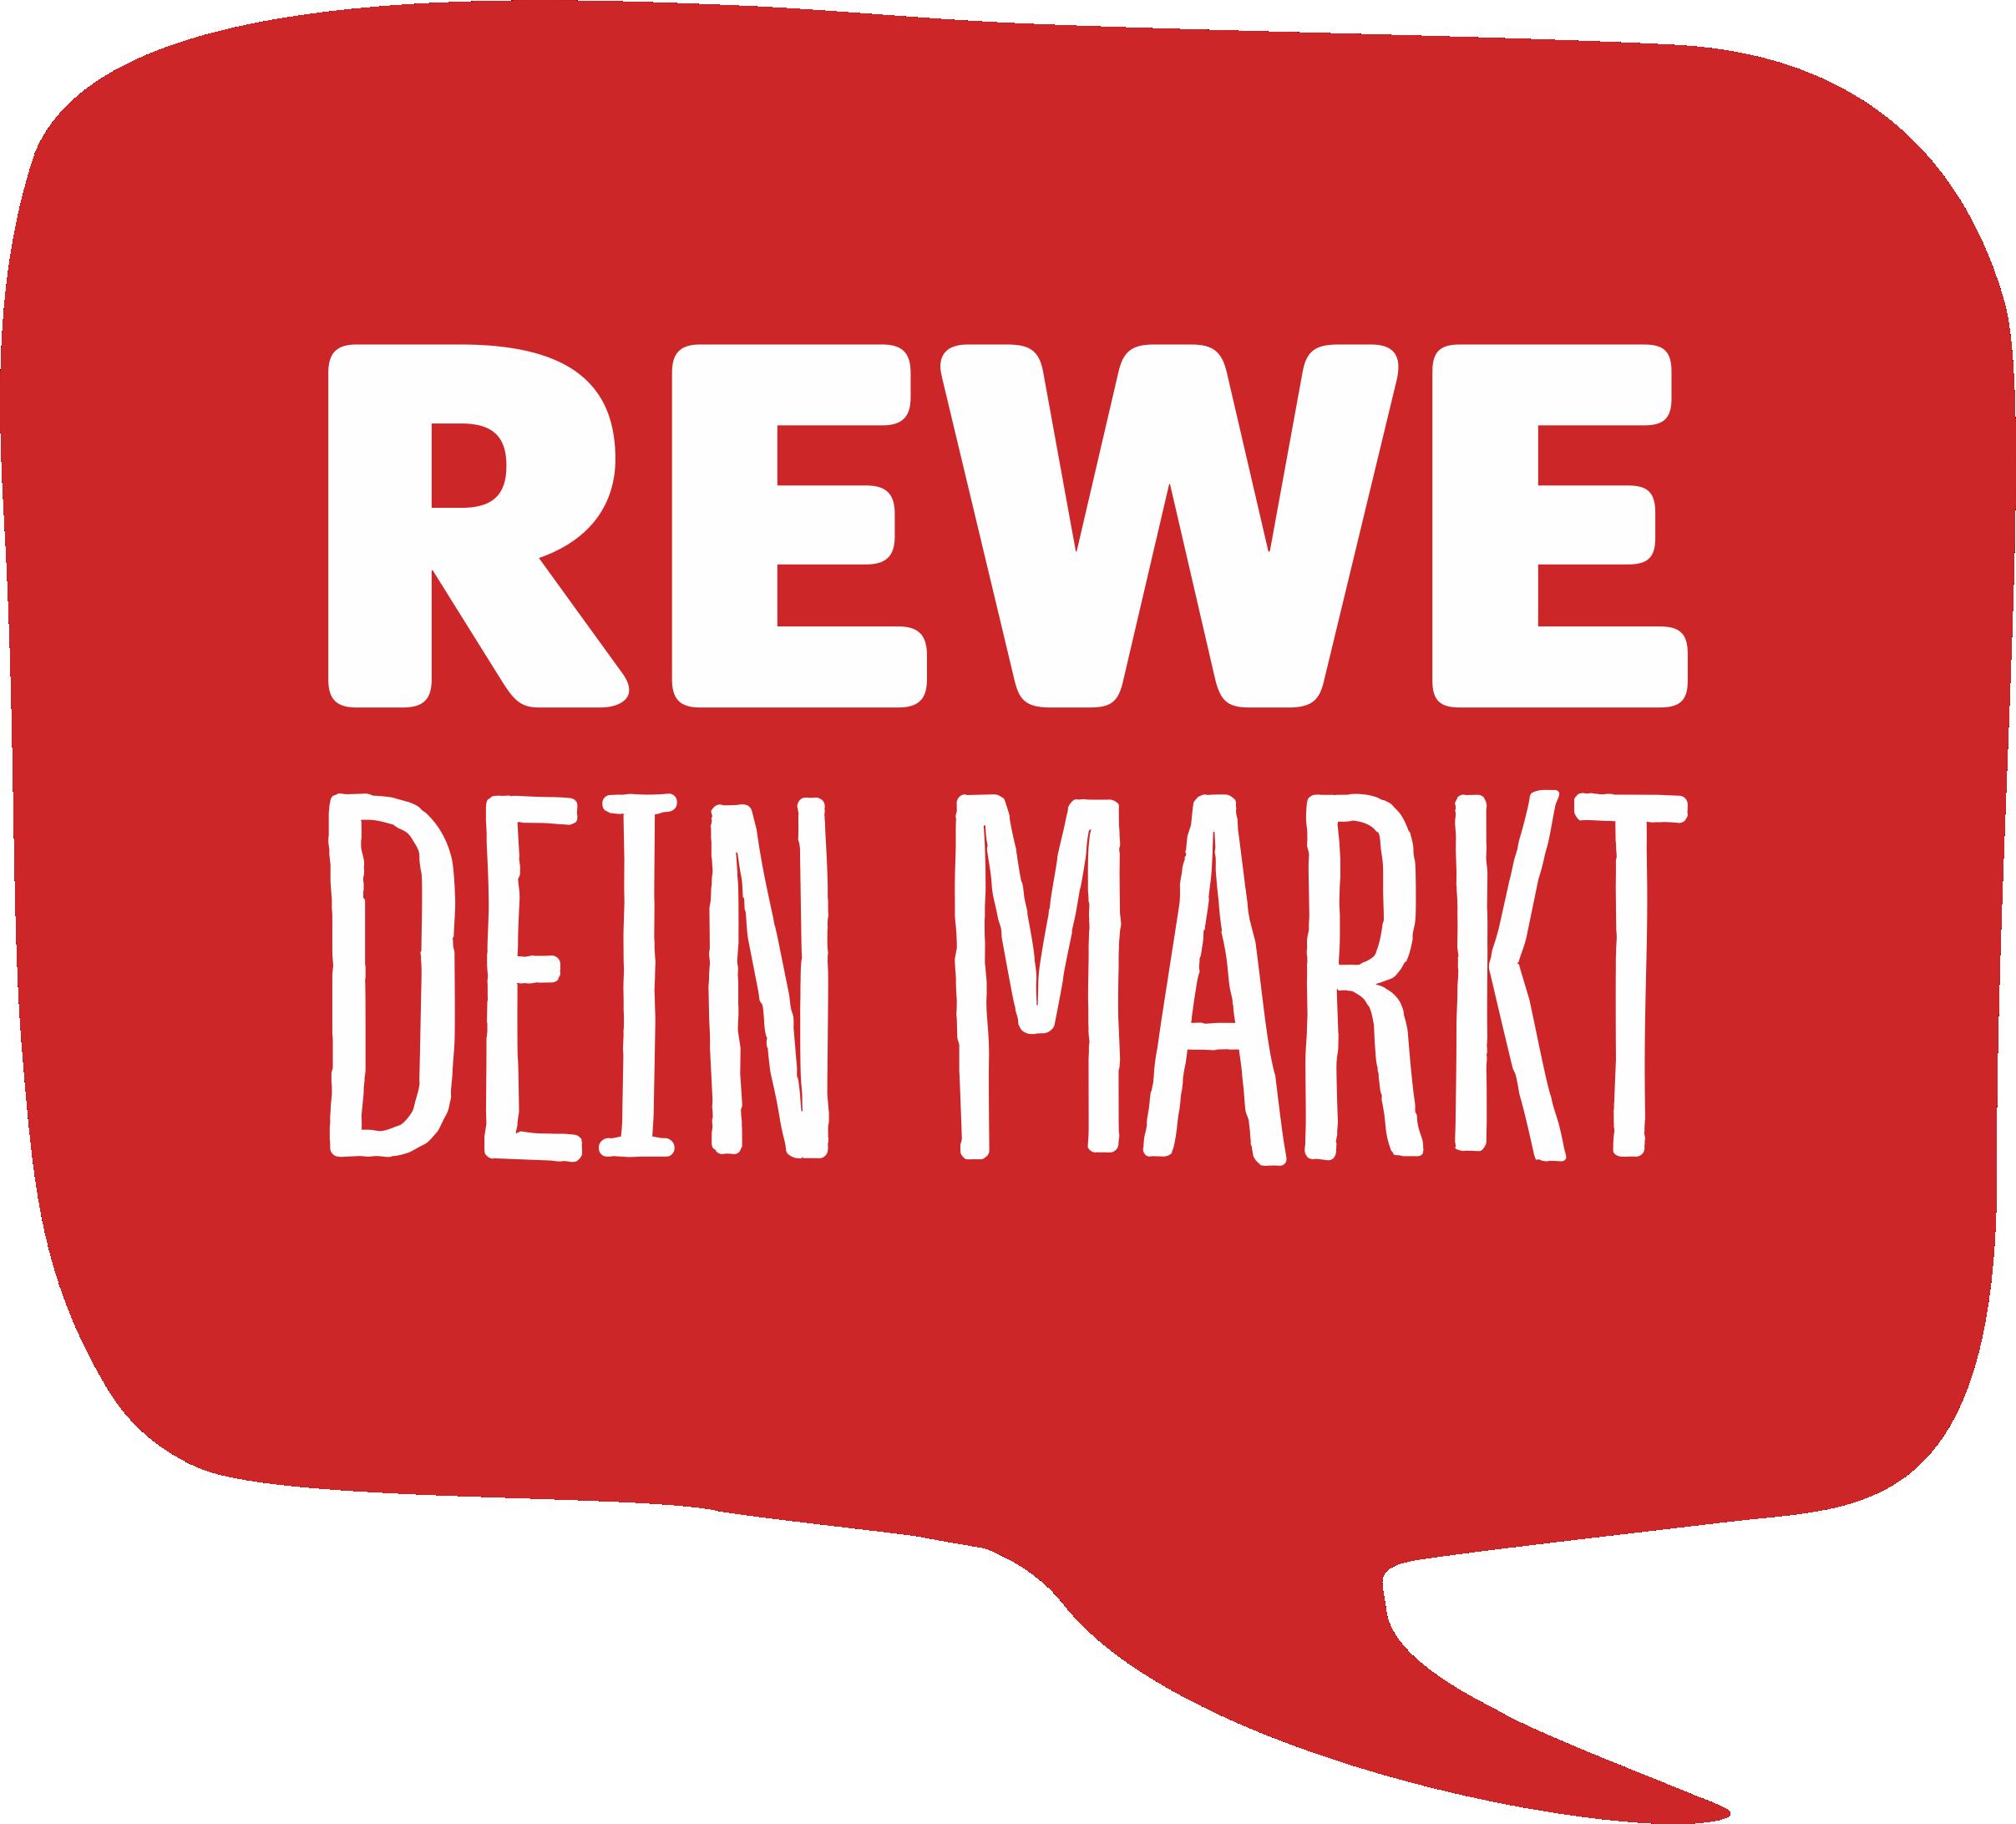 REWE Dein Markt Logo PNG Image